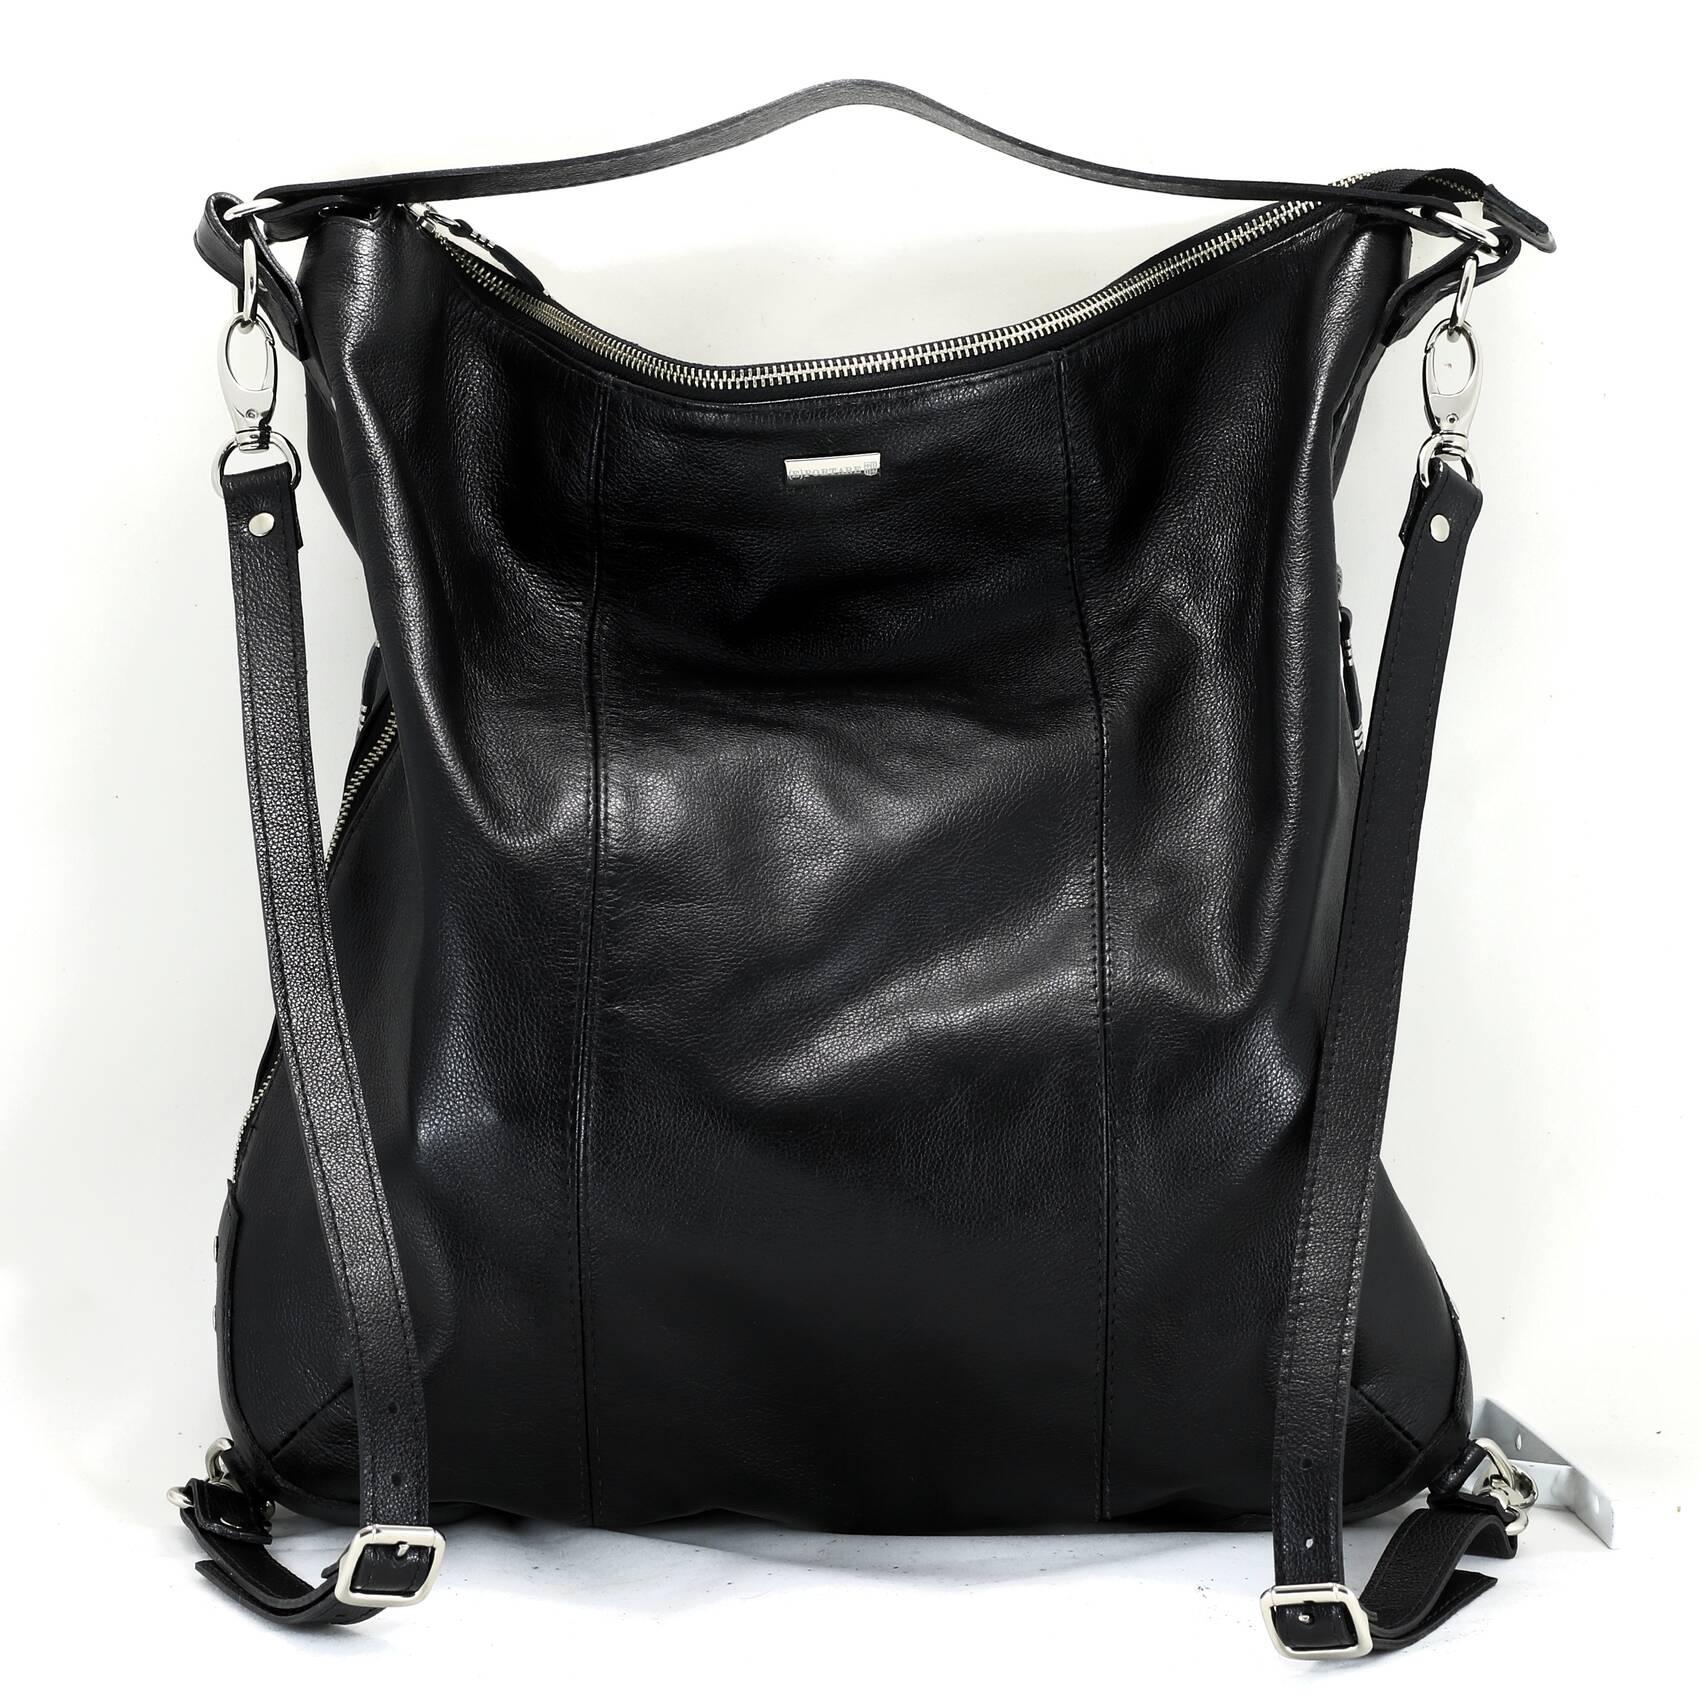 BOLSA - MOCHILA Bolsa mochila couro legítimo preta